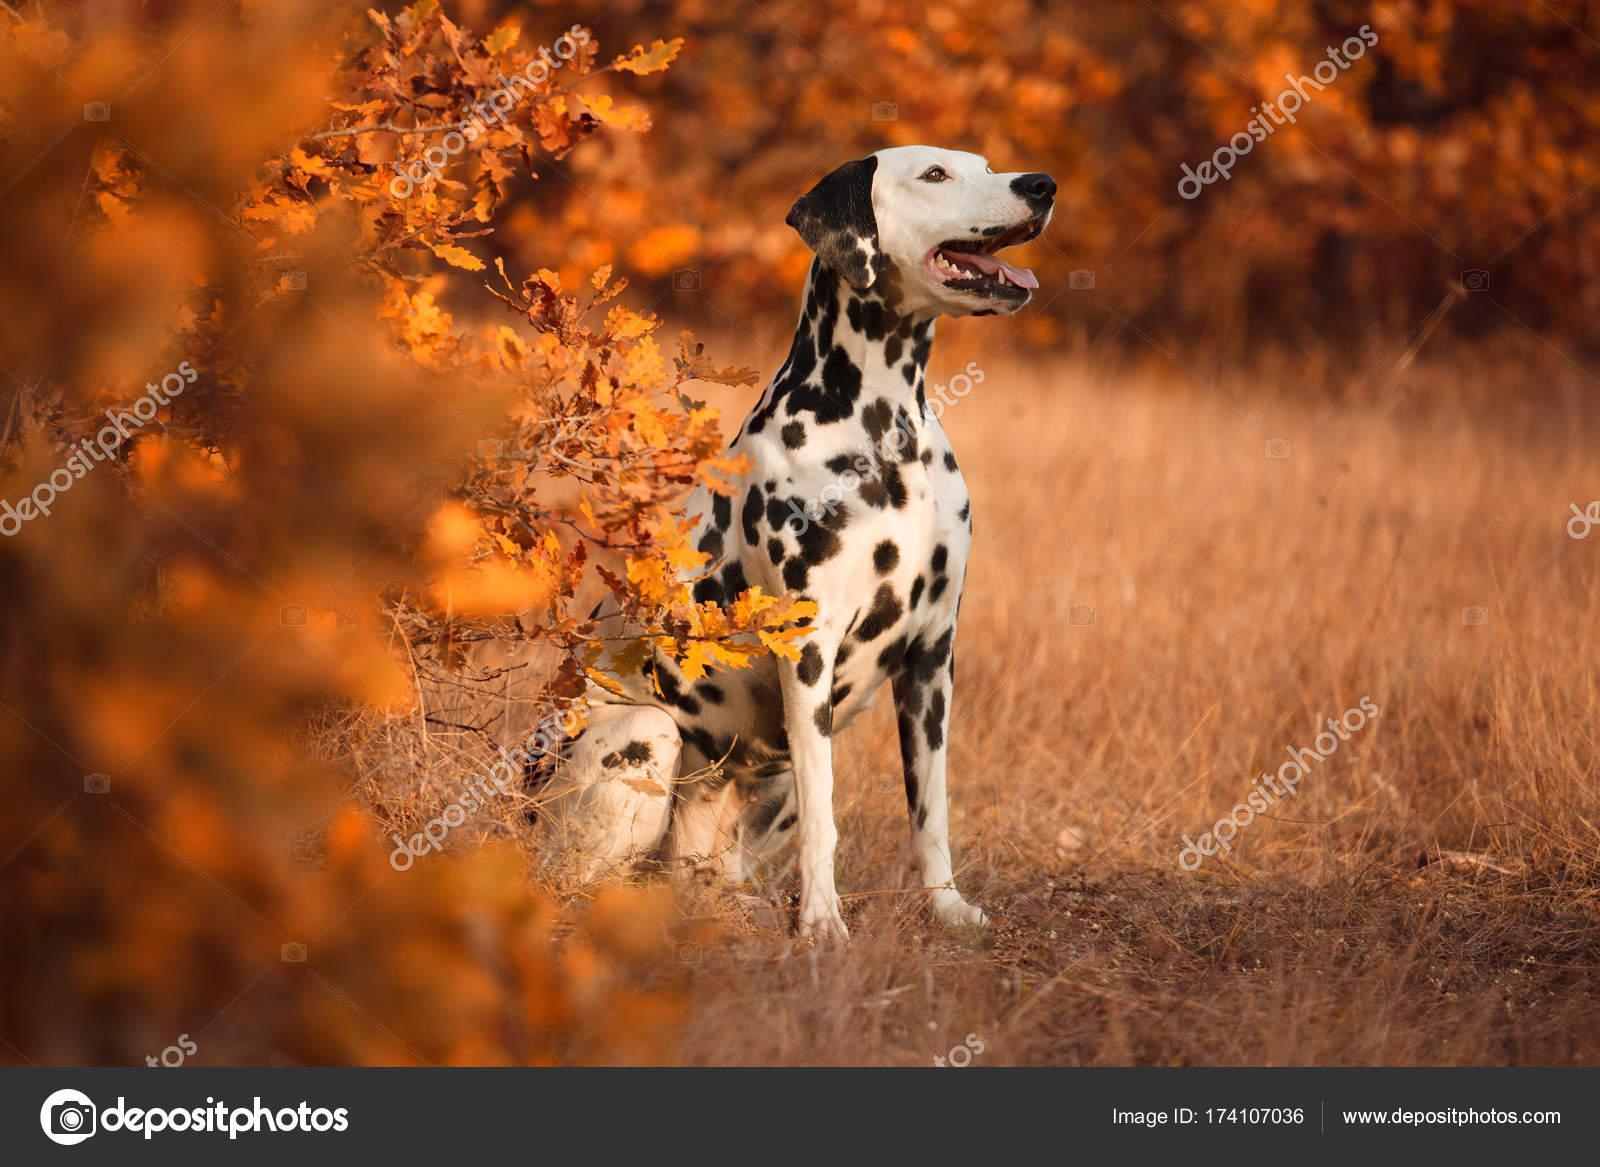 Ansprechend Schöne Hunderassen Dekoration Von Schöne Dalmatiner Im Herbstlichen Wald — Foto